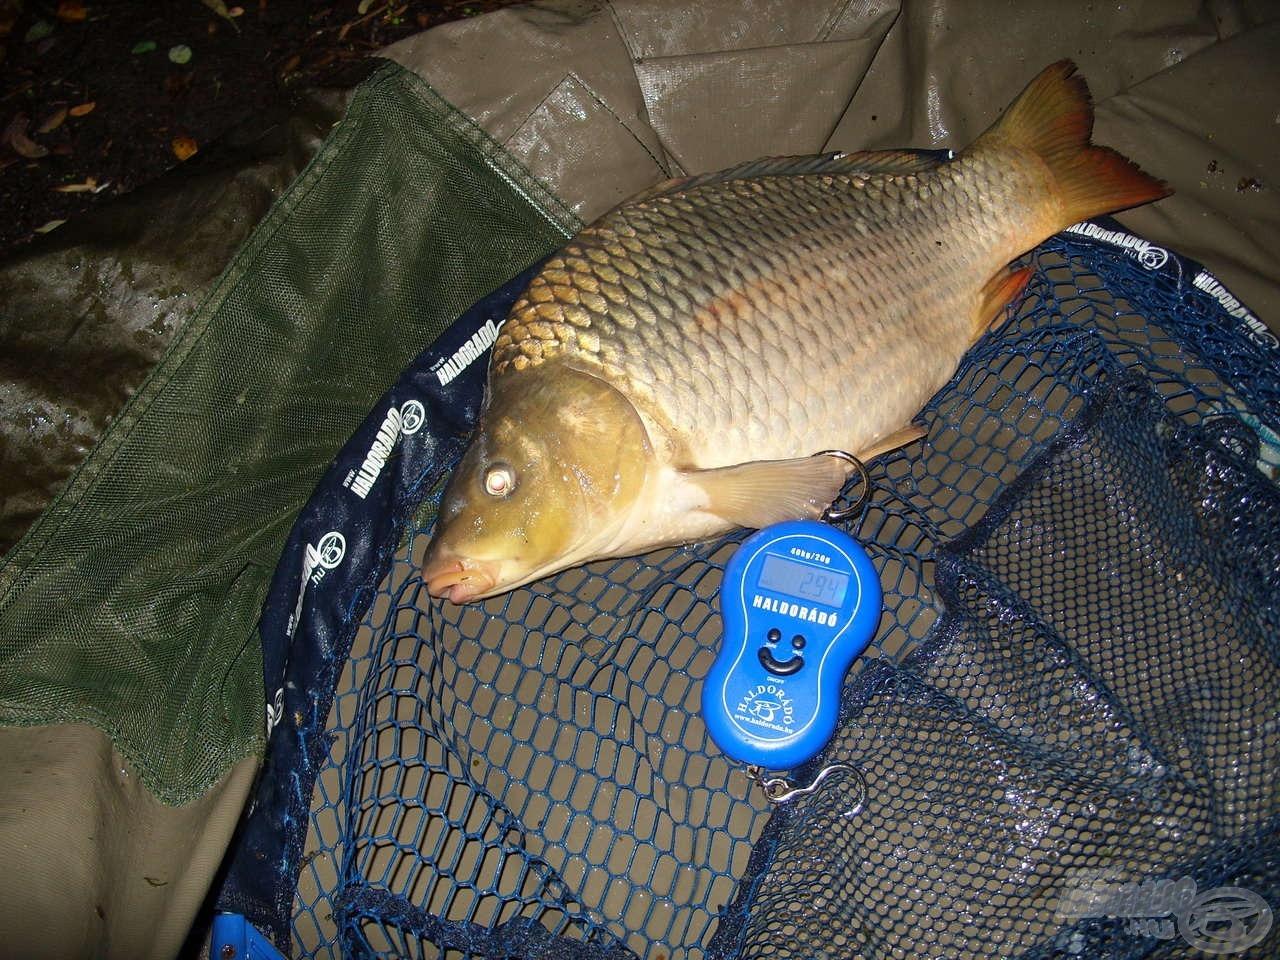 A horgászat utolsó pontya szintén szép súllyal büszkélkedhetett